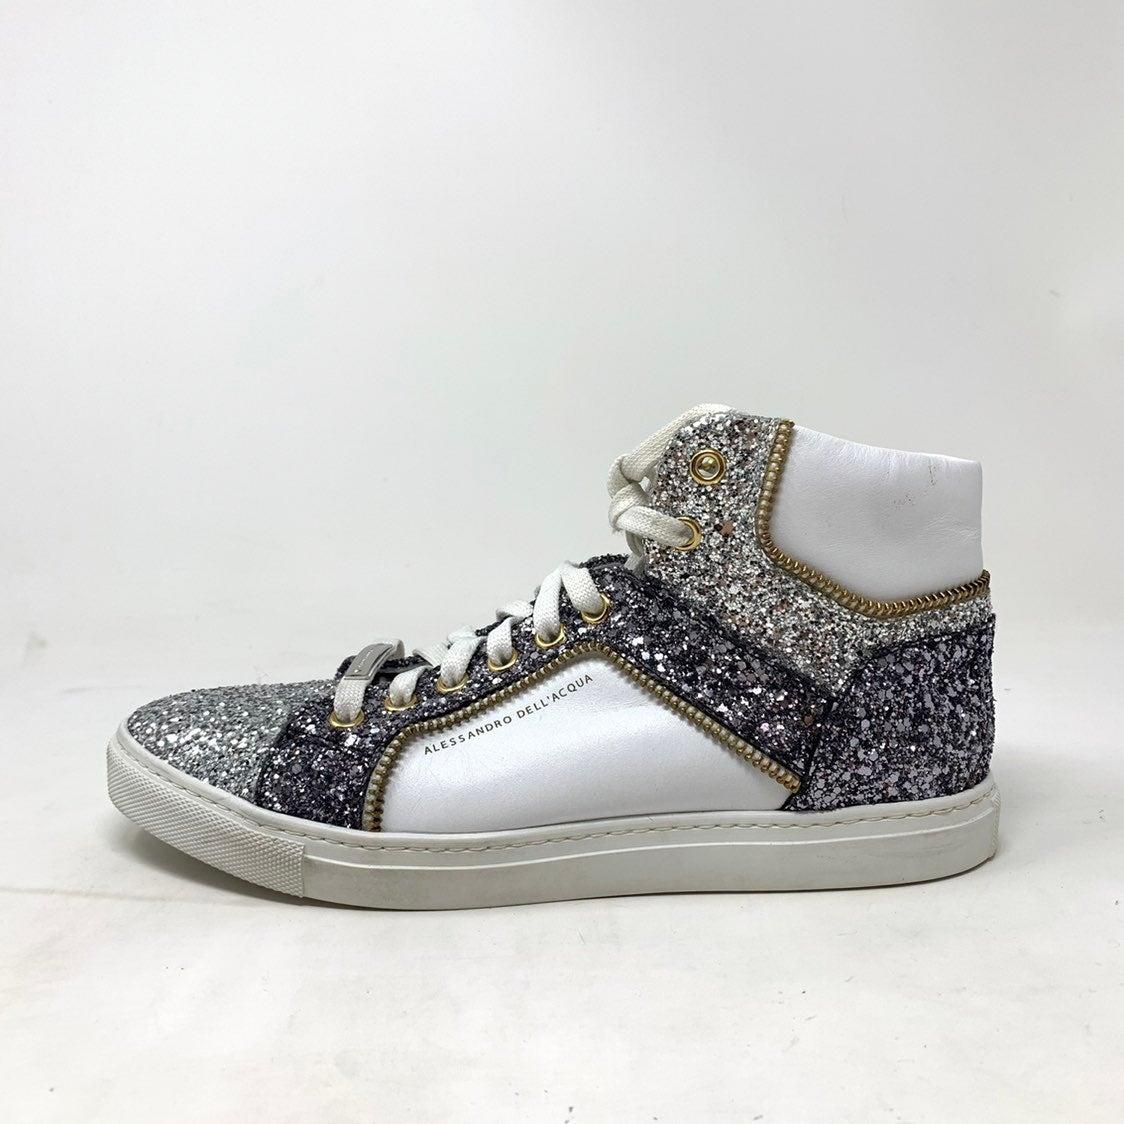 Alessandro Dell'Acqua argento sneakers 7